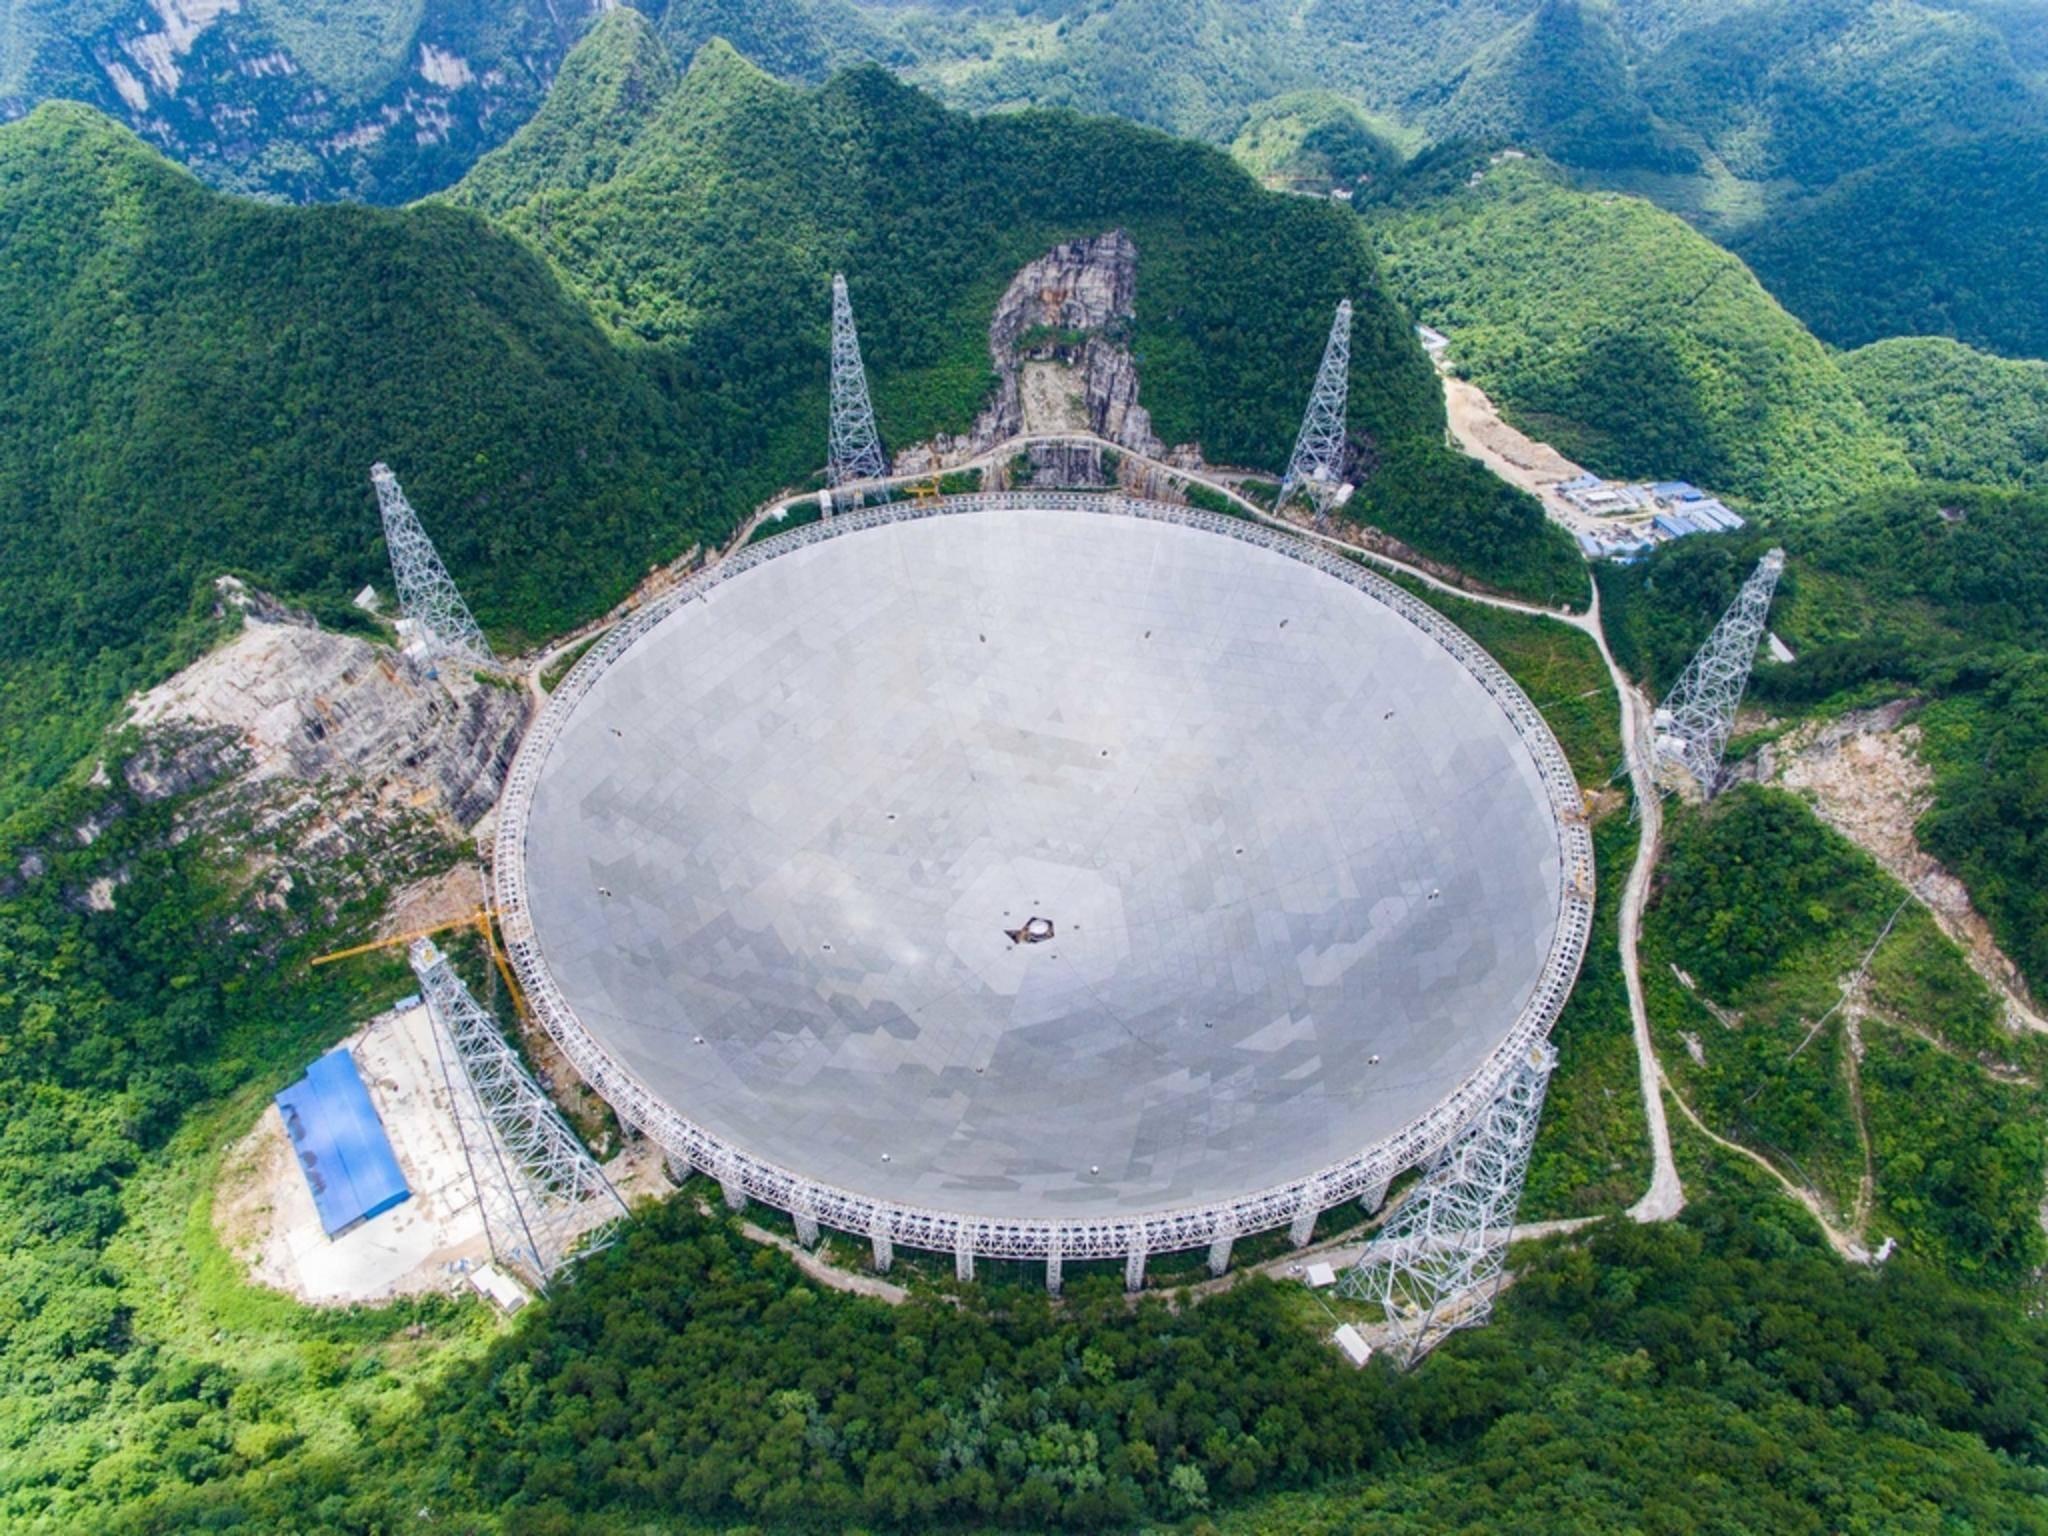 Mit den weltgrößten Radioteleskop wollen die Chinesen unter anderem nach Aliens suchen.